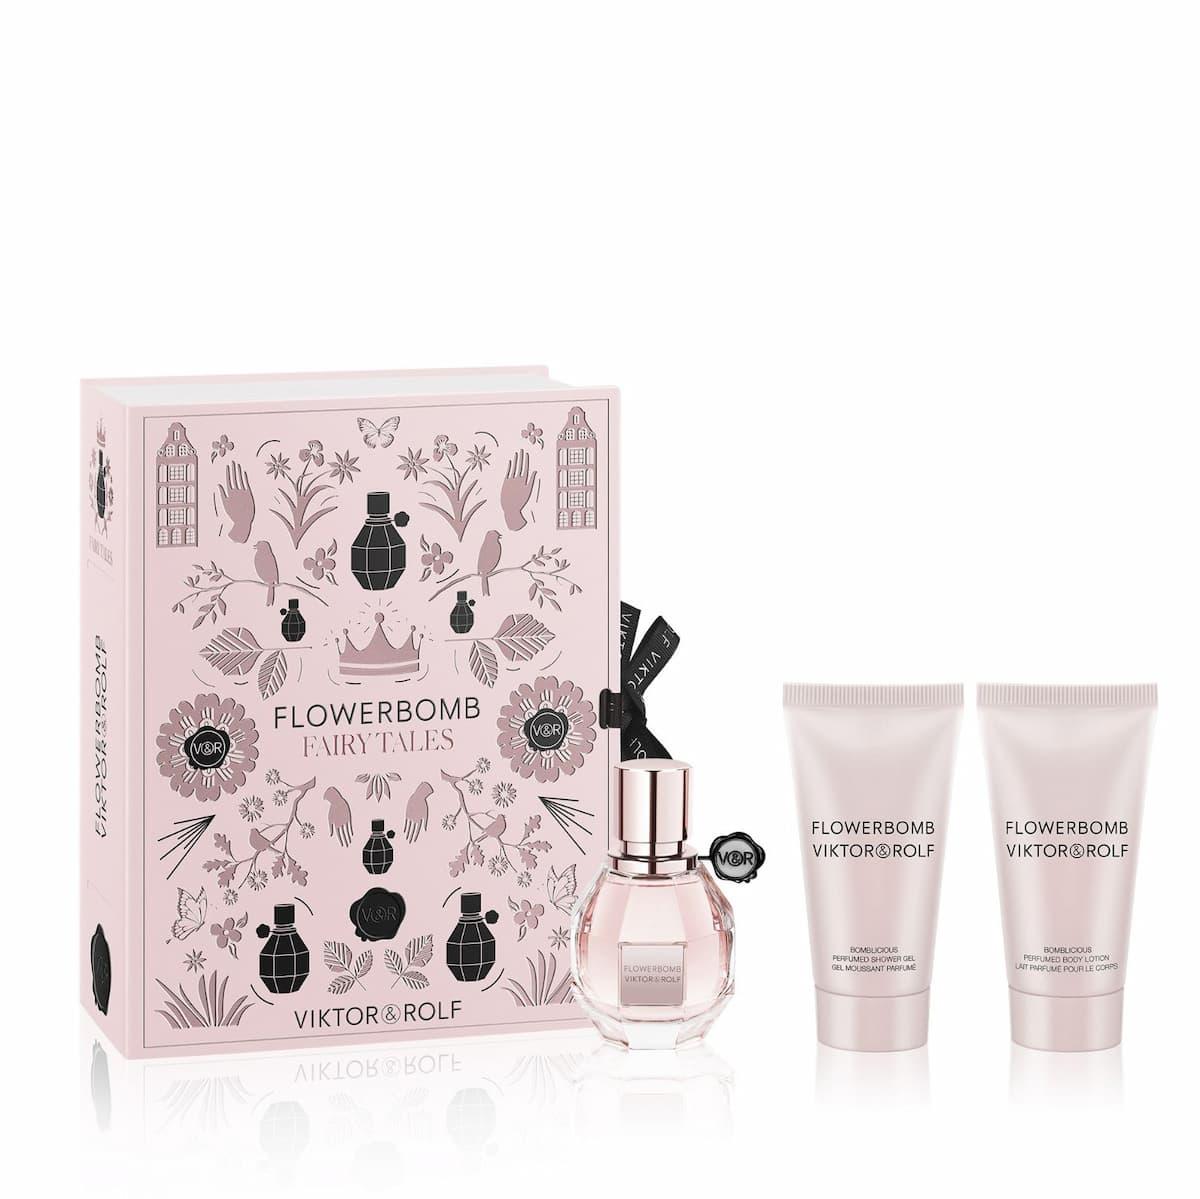 Coffret Flowerbomb Eau de Parfum - VIKTOR & ROLF